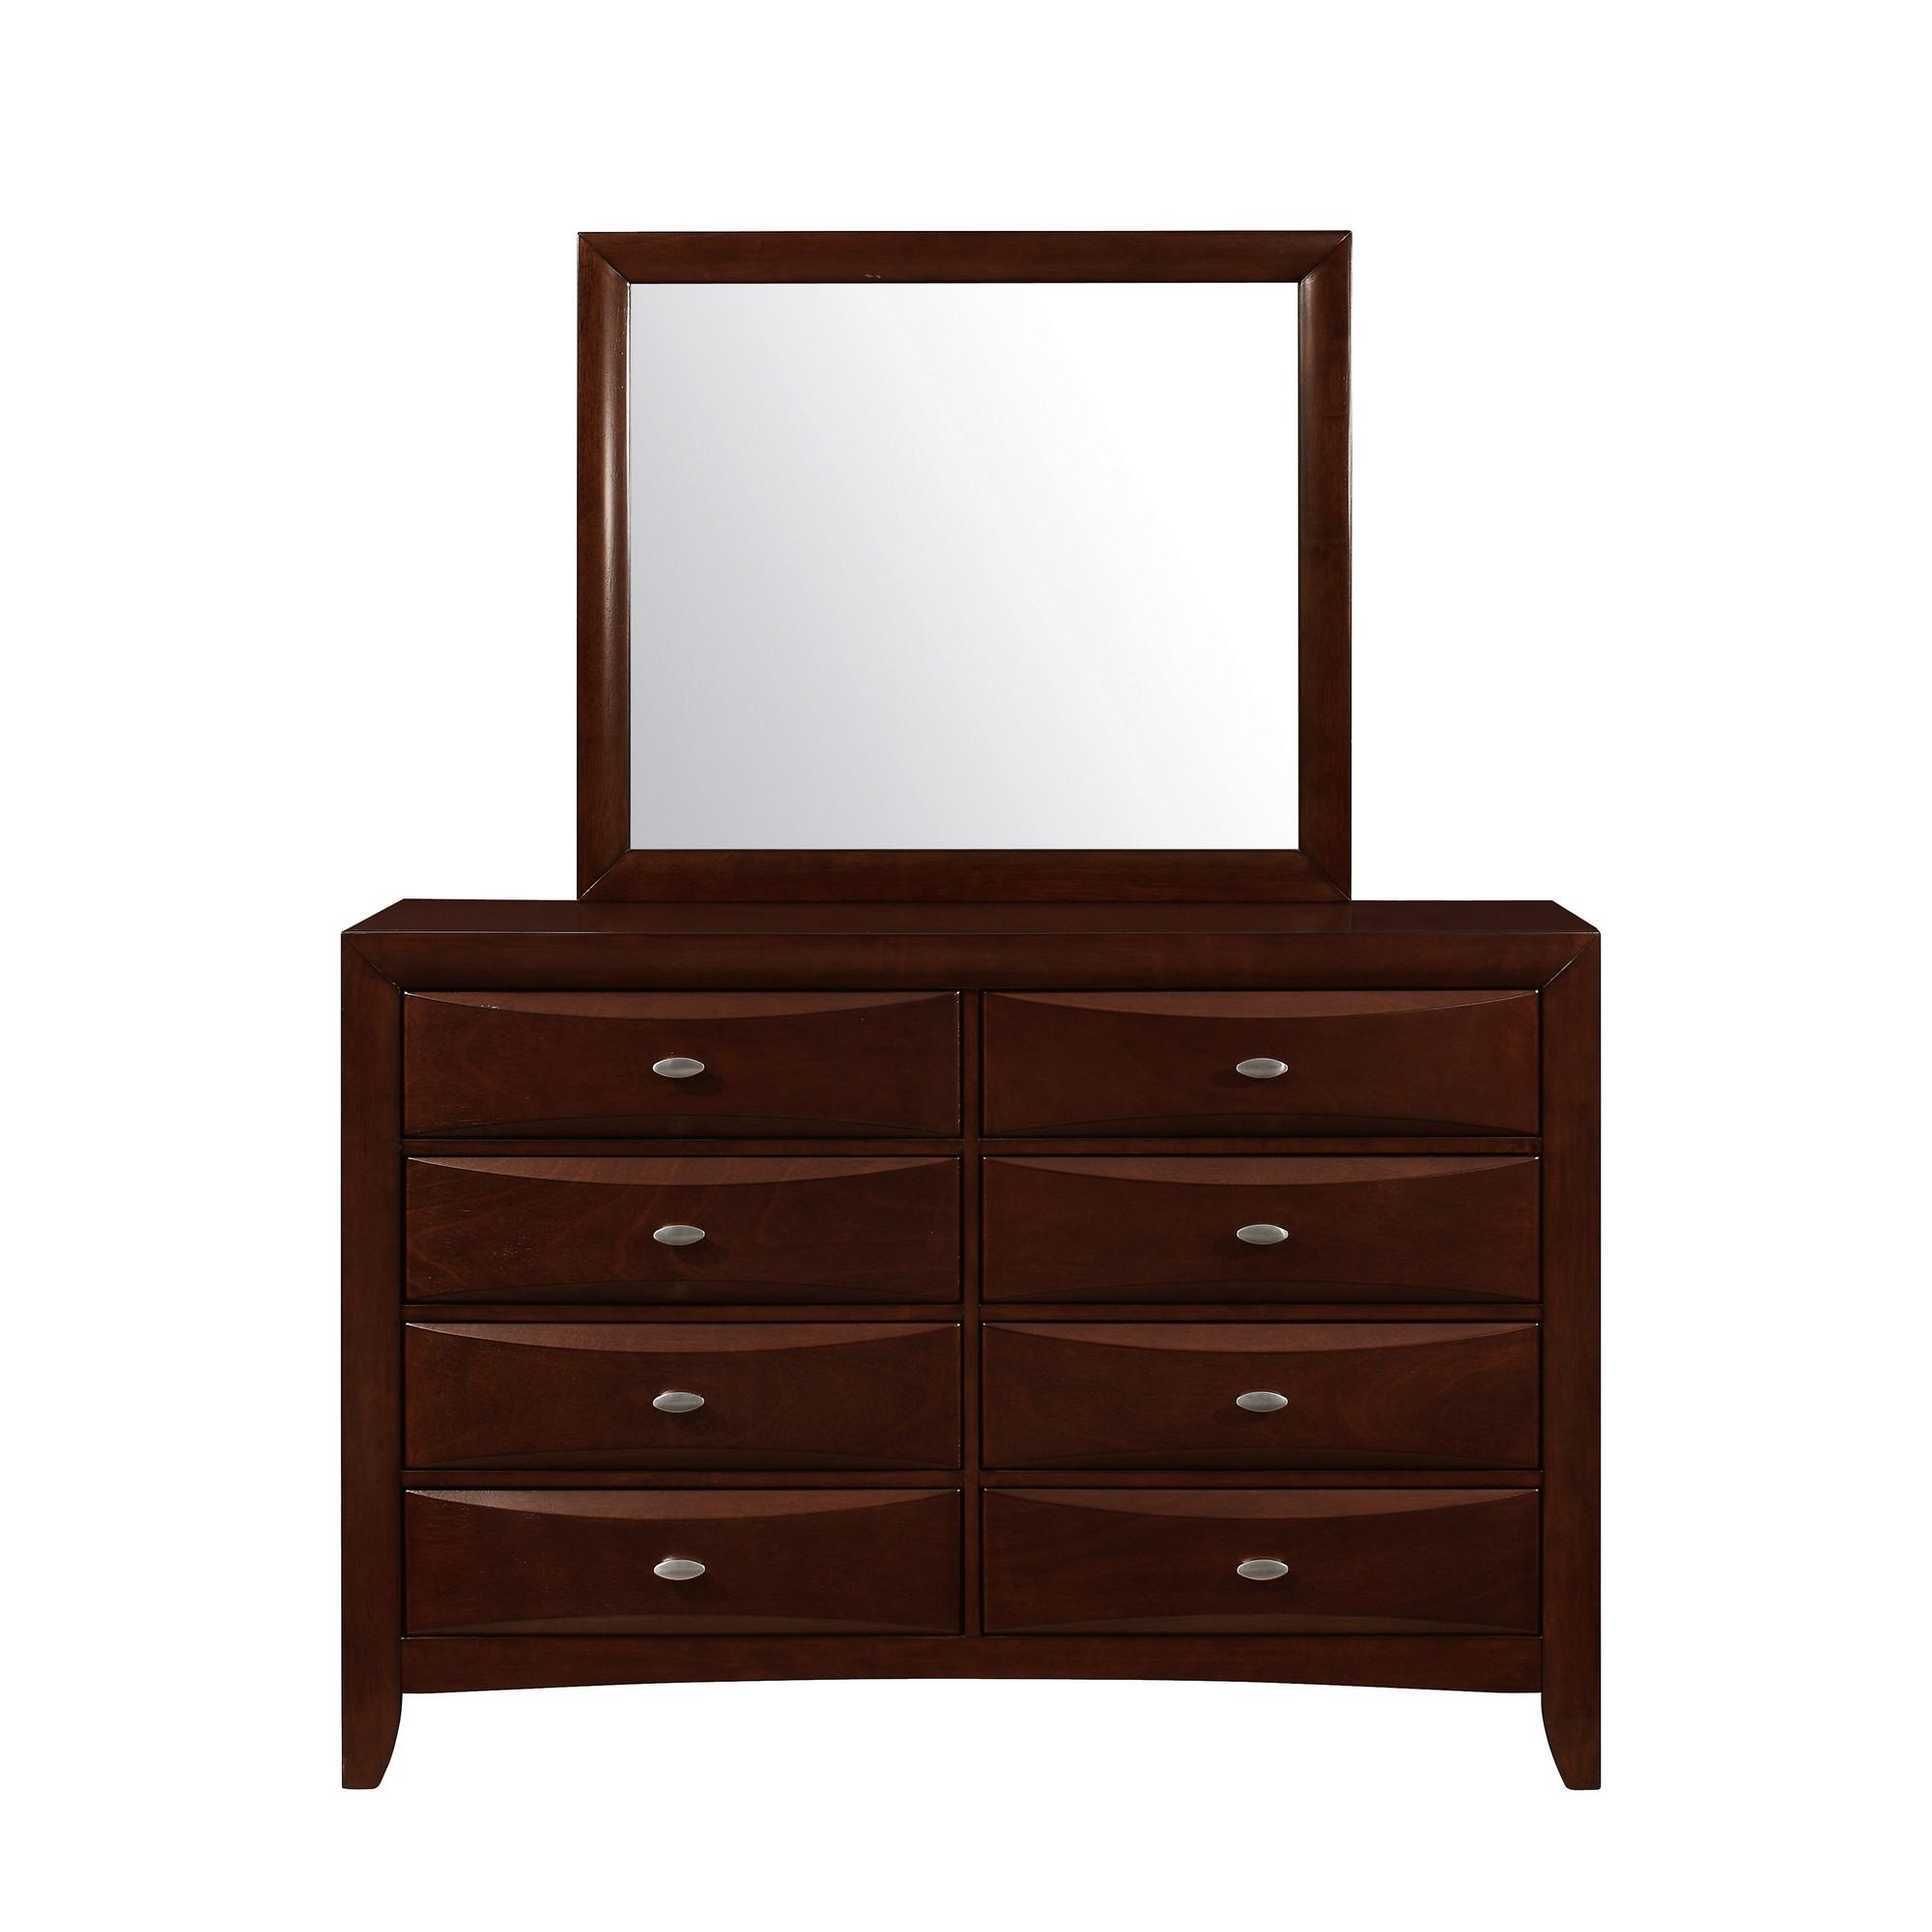 New Merlot Dresser with 5 Chambared Drawer